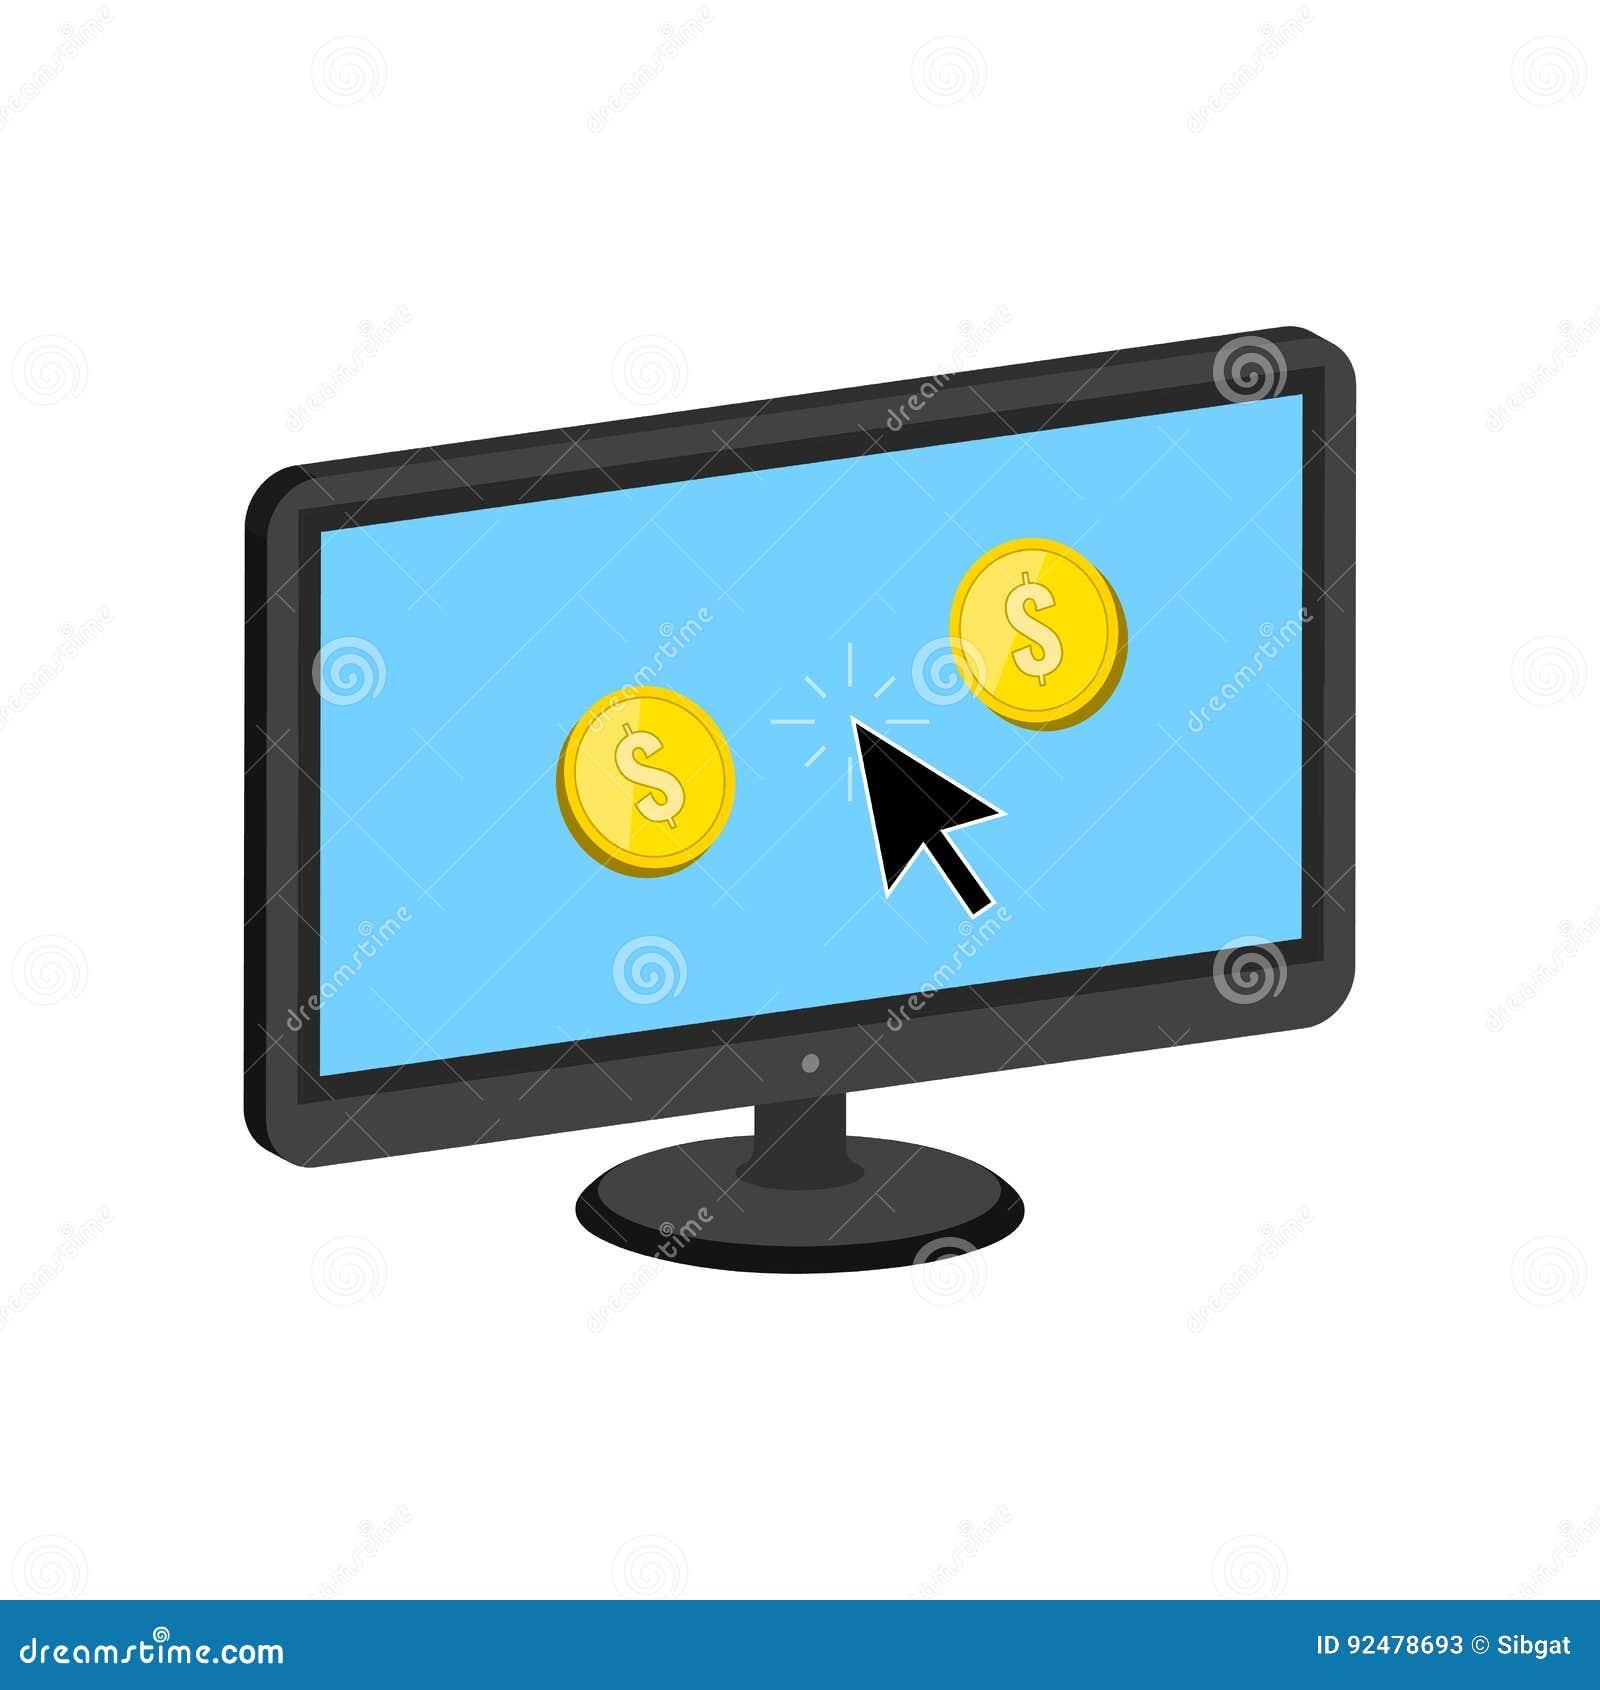 Goldene Münzen Springen Von Der Anzeige Machen Geld On Line Konzept